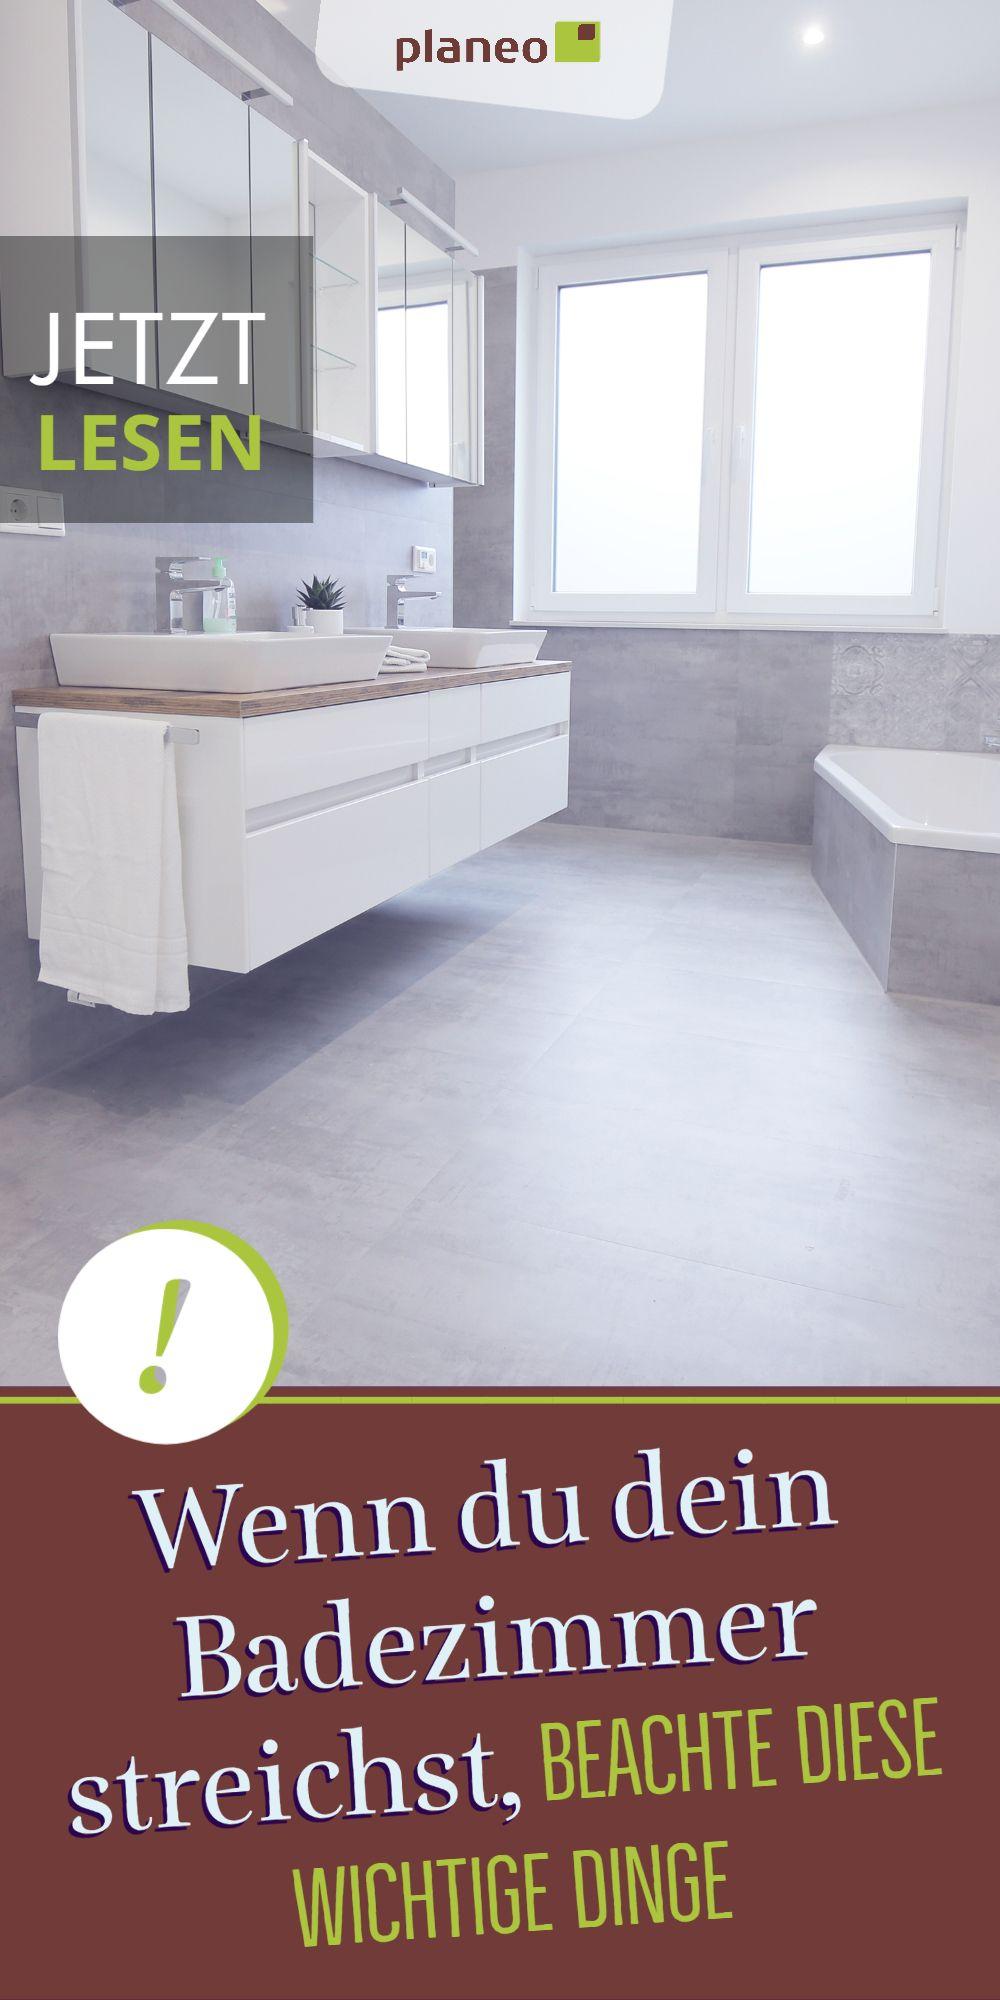 Badezimmer streichen – Welche Farbe soll man nehmen ...